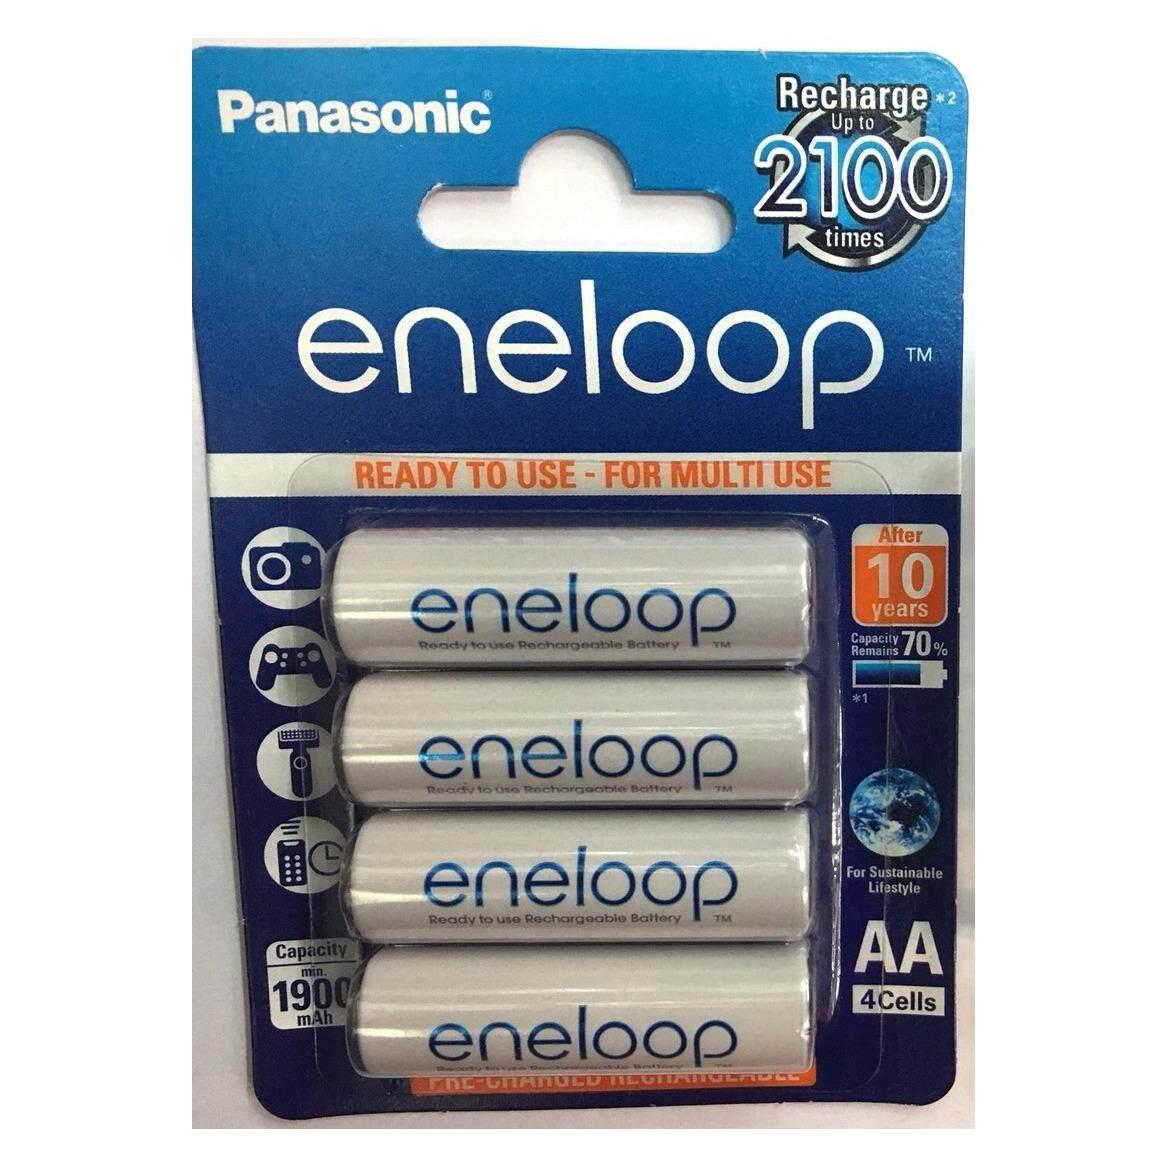 ราคา ถ่านชาร์จ Panasonic Eneloop Aa 4 ก้อน ของแท้ ประกัน 6 เดือน ผลิตปี 2017 กรุงเทพมหานคร